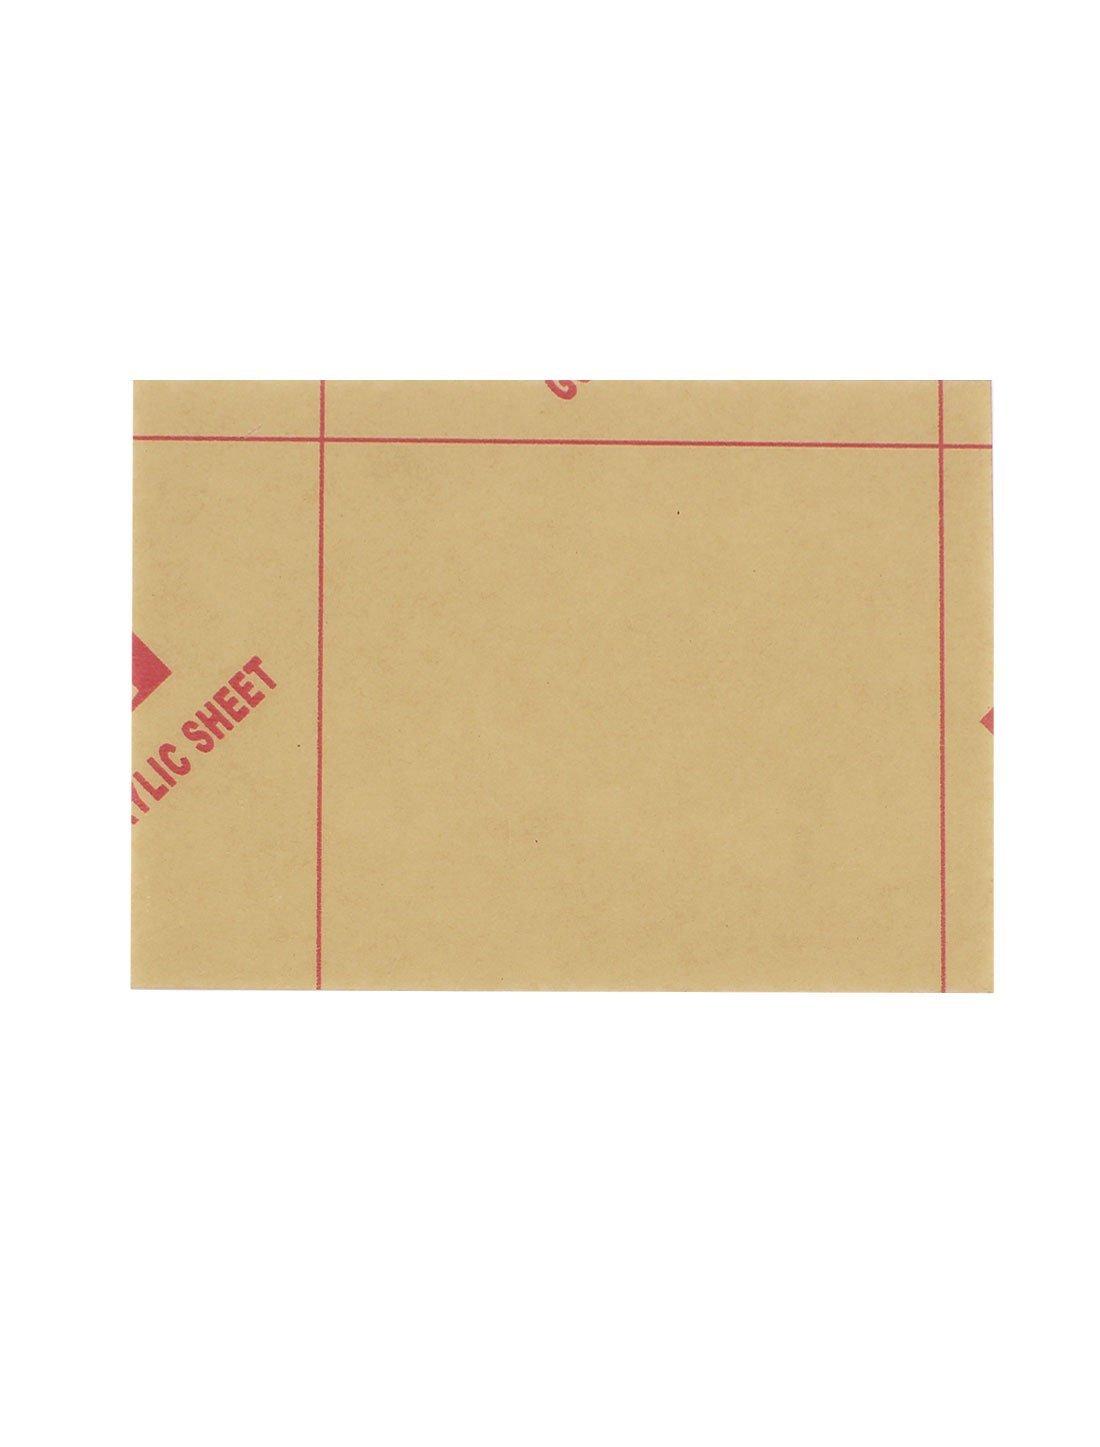 5mm en plastique blanc acrylique Plexiglas Plexiglas Fiche A5 Taille 148mmx210mm